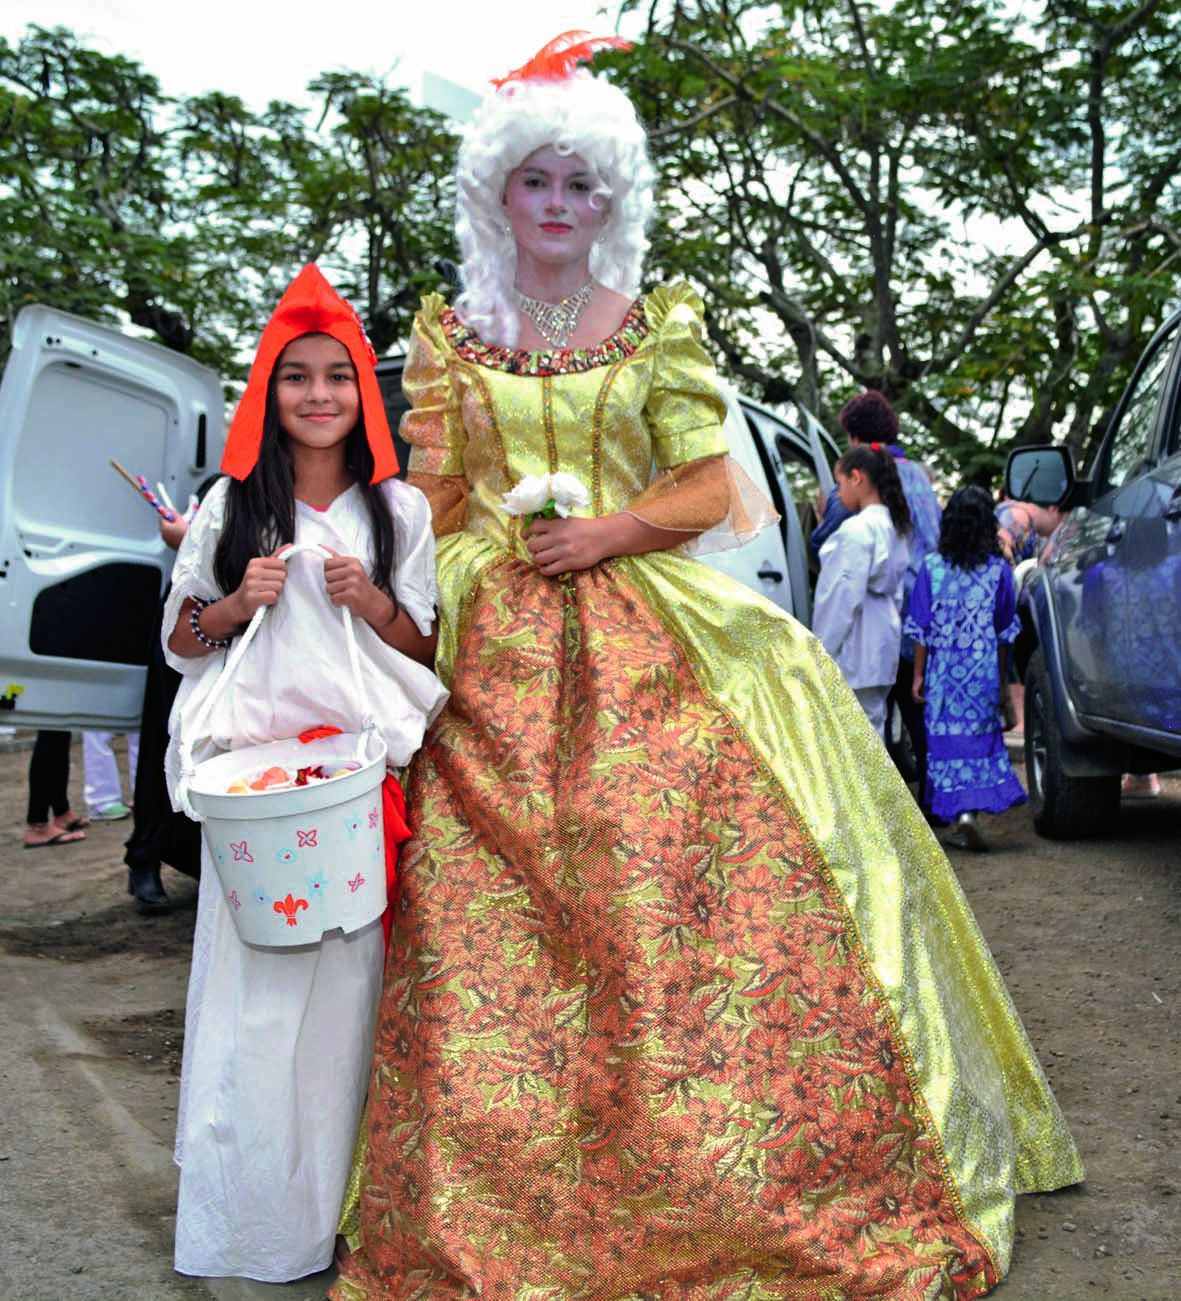 Revêtues de leurs superbes costumes, Zoé (Antoinette) et Cassidy (La Marianne) ont fait sensation. Nombreux sont les participants qui ont posé avec elles, histoire d'immortaliser cette rencontre d'une autre époque.